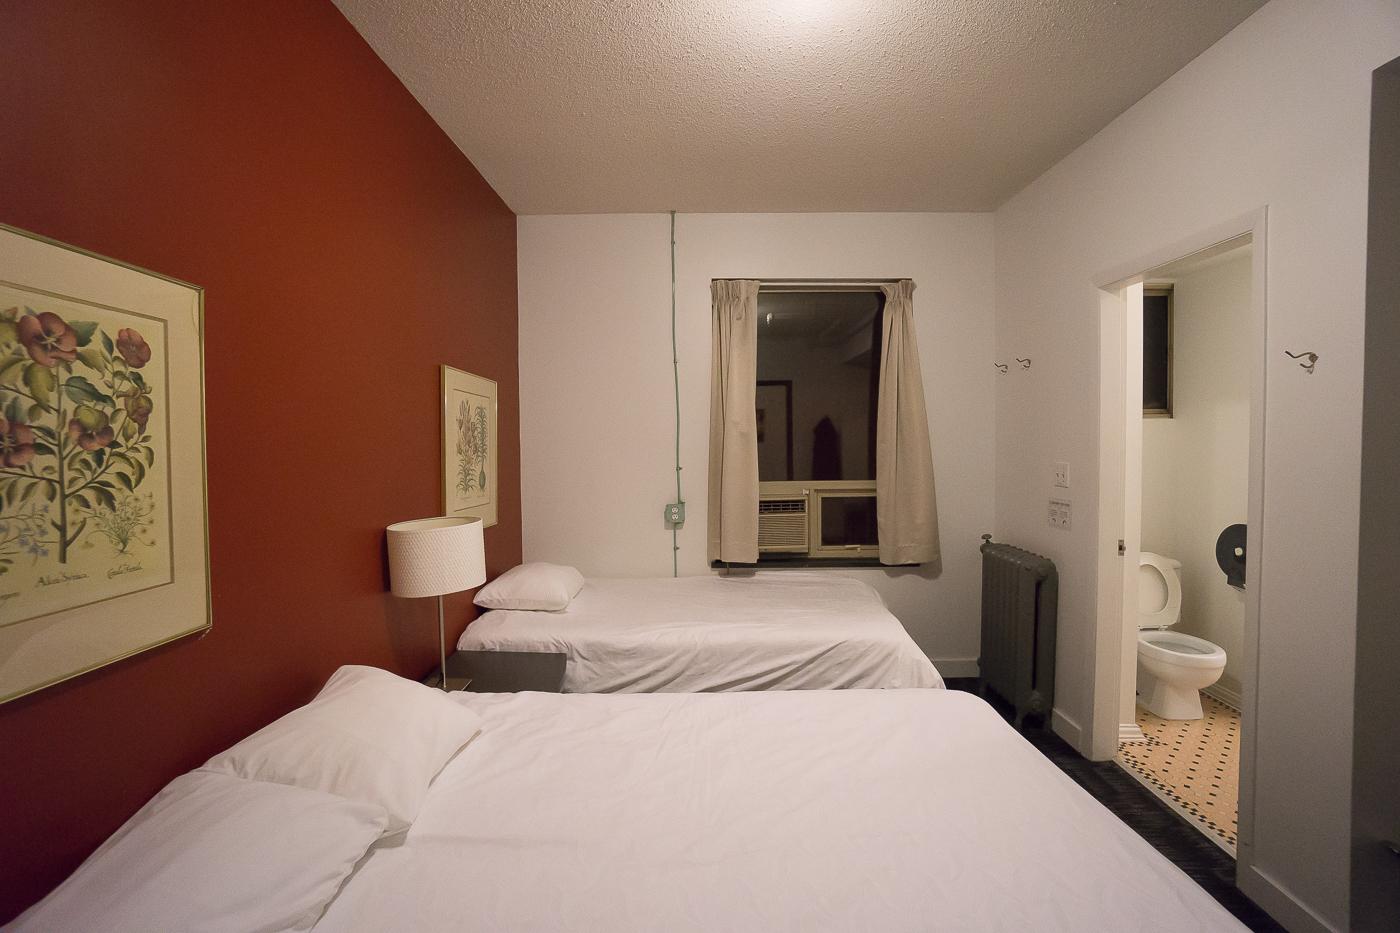 Chambre 2 lits au HI Vancouver Central - Quelle auberge choisir